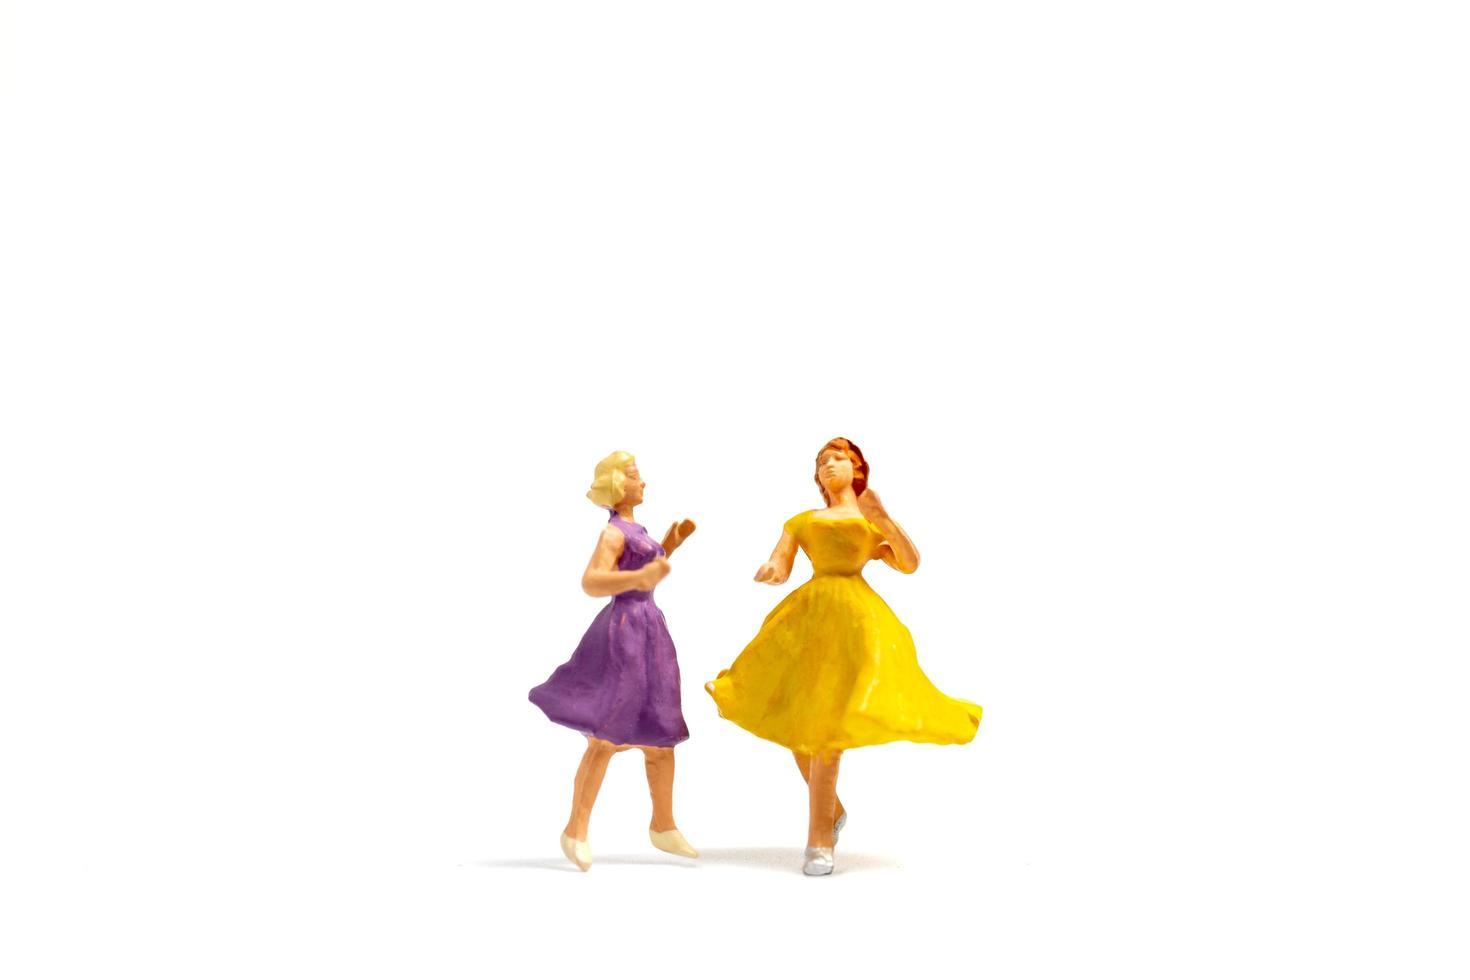 personnes miniatures dansant sur fond blanc photo